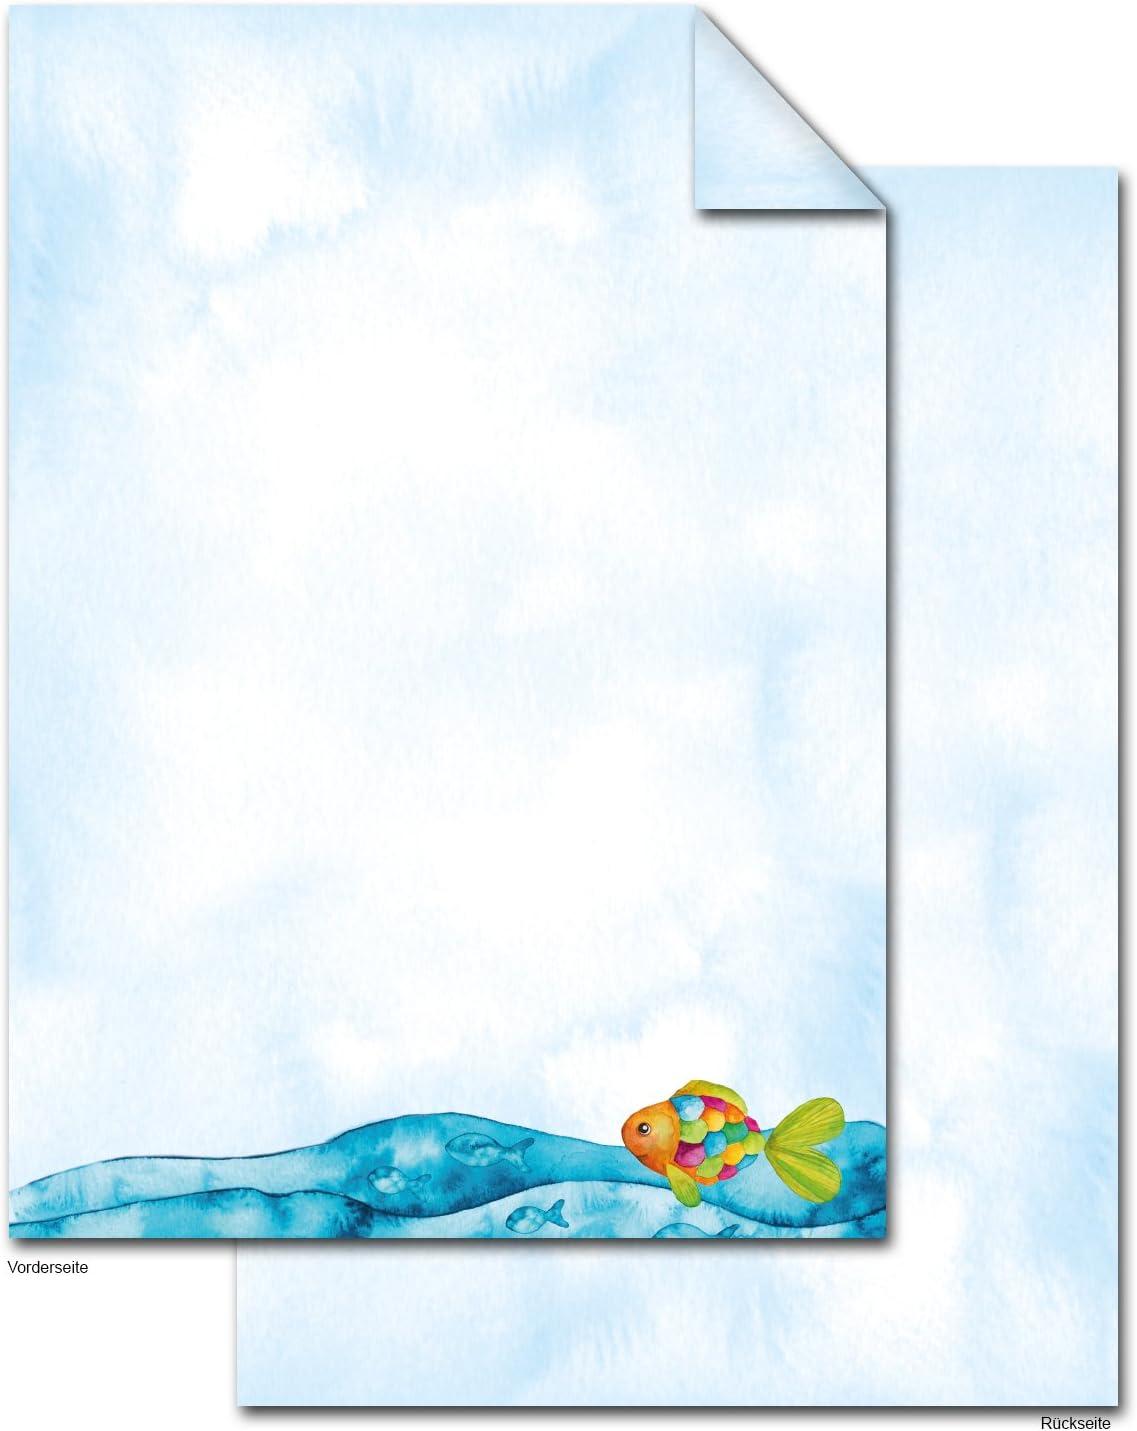 20 Blatt Briefpapier Motivpapier mit Sommer-Motiv Urlaubs-Motiv Maritimes 100g